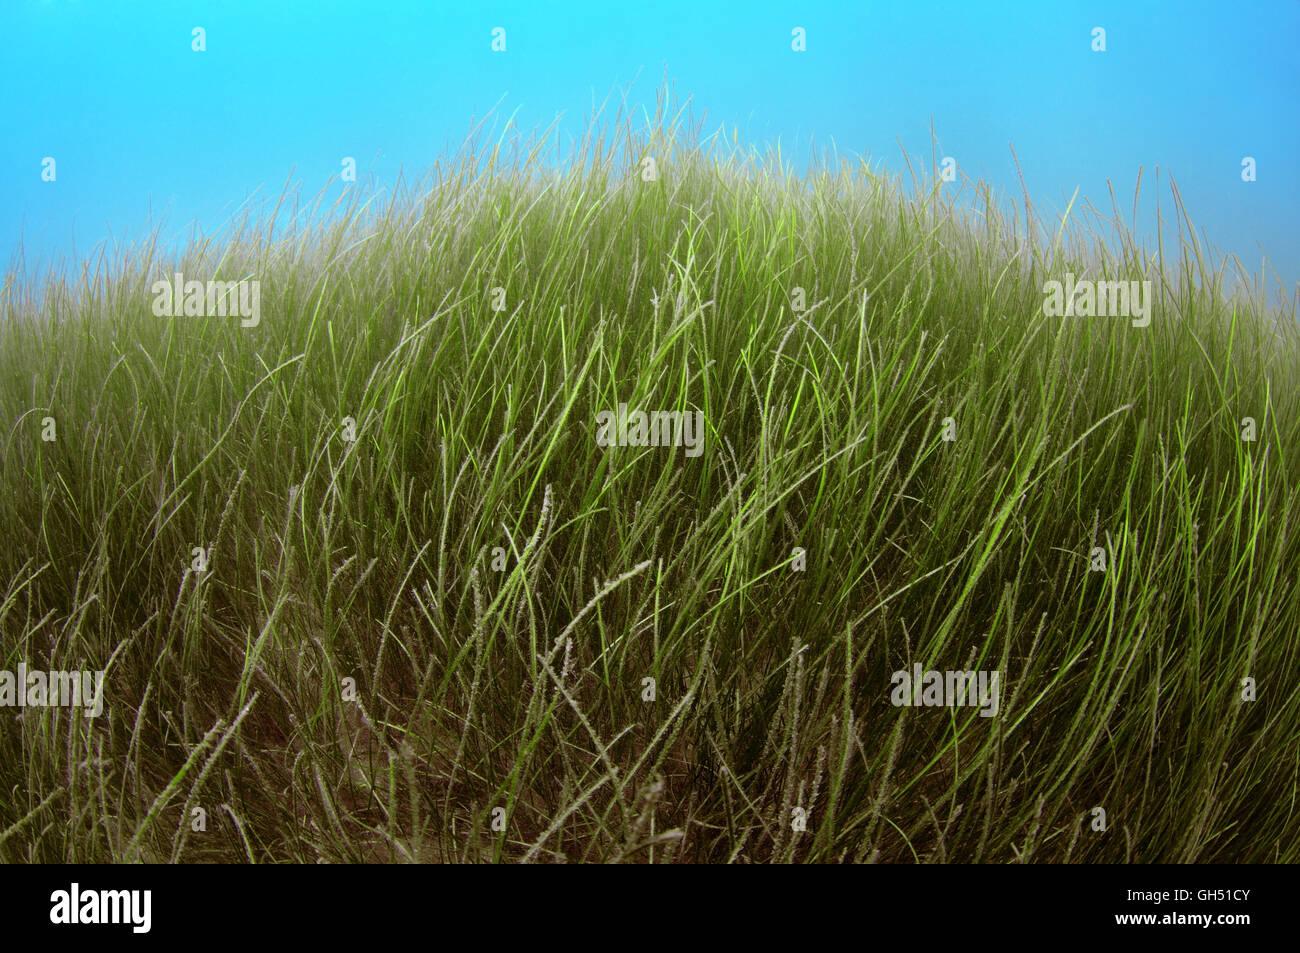 sea grass underwater stockfotos sea grass underwater bilder alamy. Black Bedroom Furniture Sets. Home Design Ideas